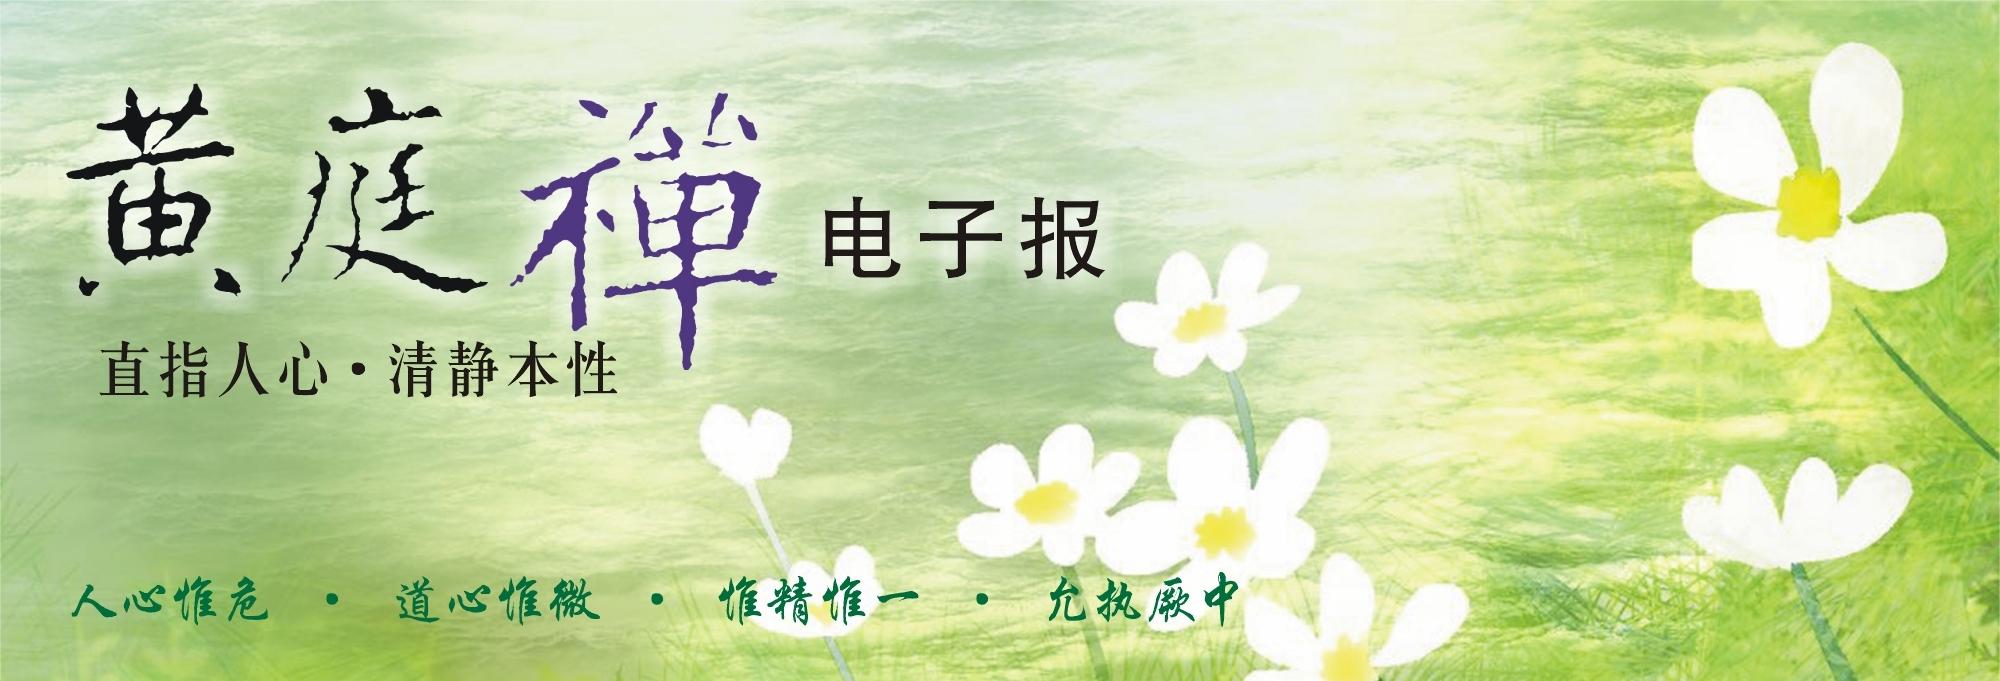 中华黄庭禅学会2017.04.11电子报